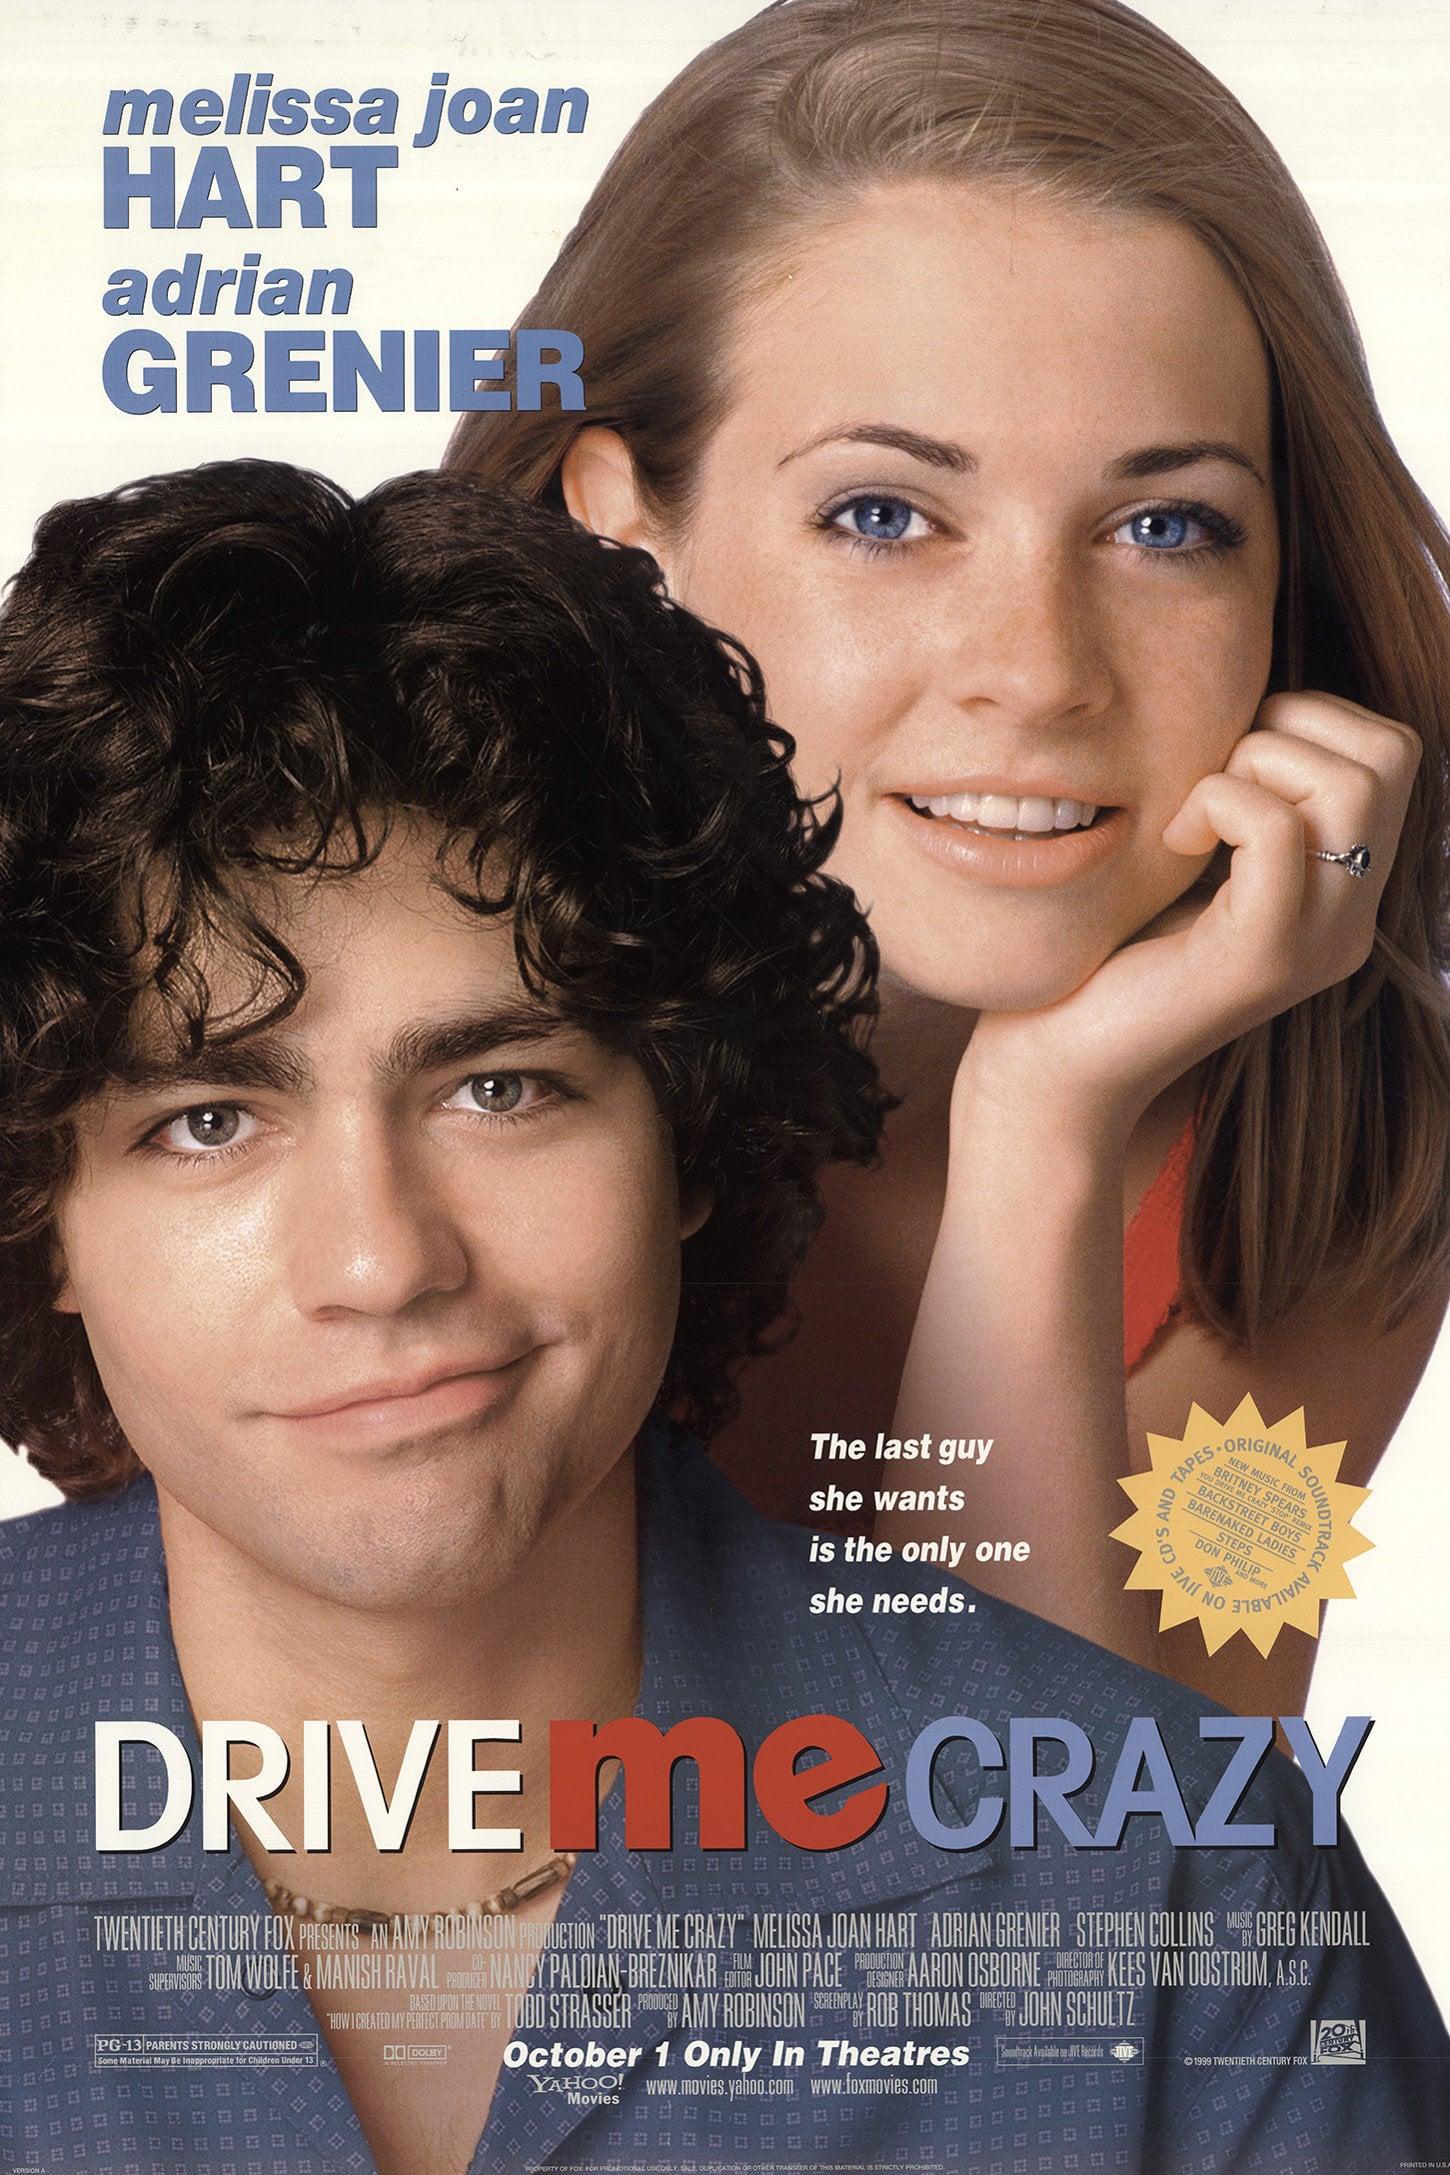 affiche du film Drive Me Crazy